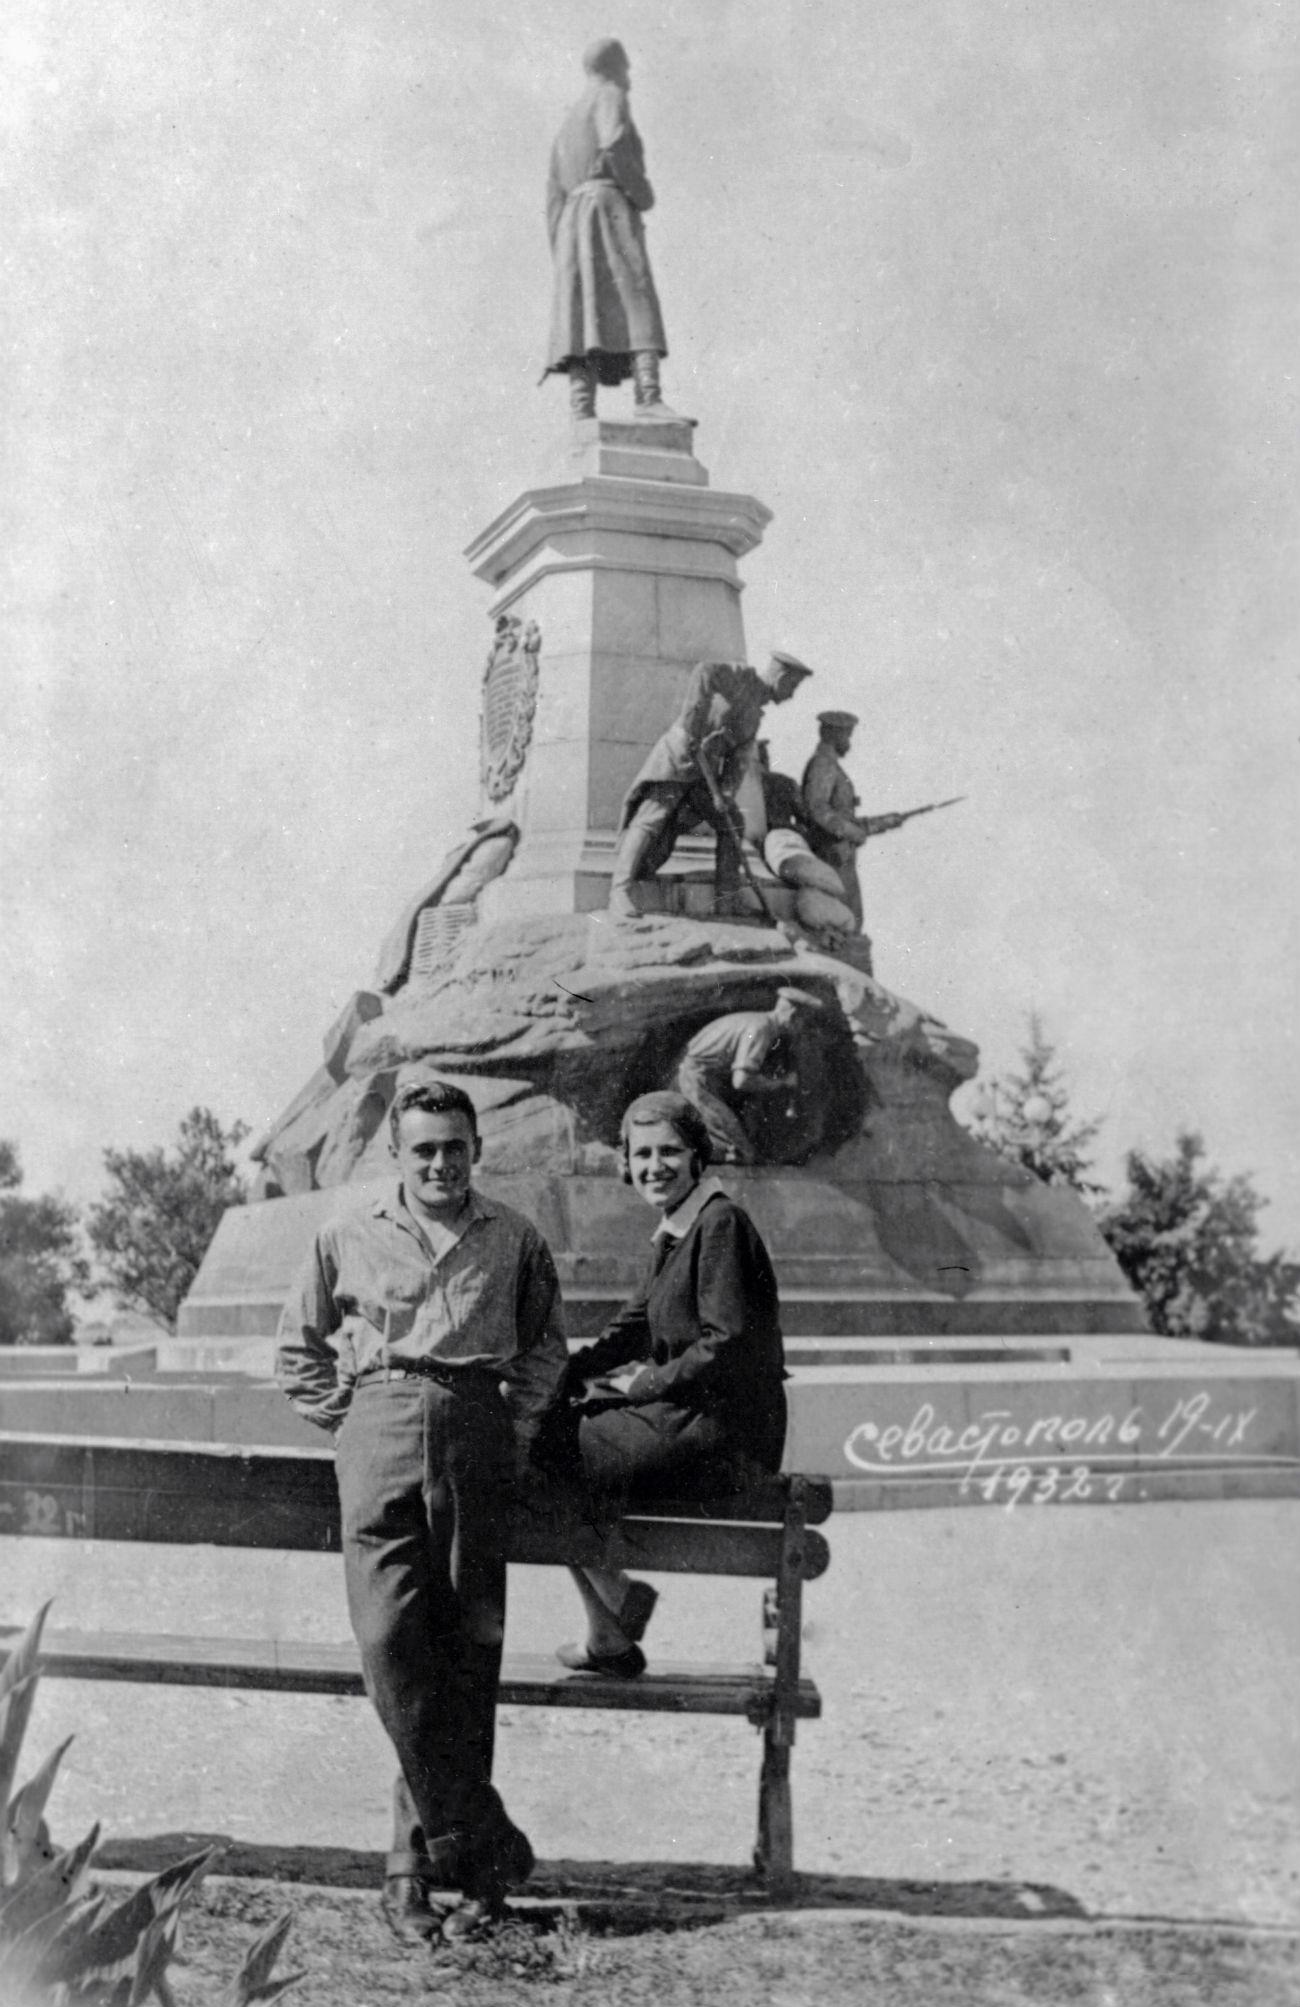 Sergueï Korolev conjugue ses études avec un travail dans un bureau de construction et s'impose rapidement comme un constructeur aéronautique et inventeur de talent. De 1927 à 1930, il participe à des compétitions de planeursen Crimée, présentant ses appareils sans moteurs, dont le SK-1 Koktebel et le SK-3 Etoile rouge, destiné aux acrobaties aériennes. Sur la photo : Sergueï Korolev et sa première épouse, Xenia Vincentini.